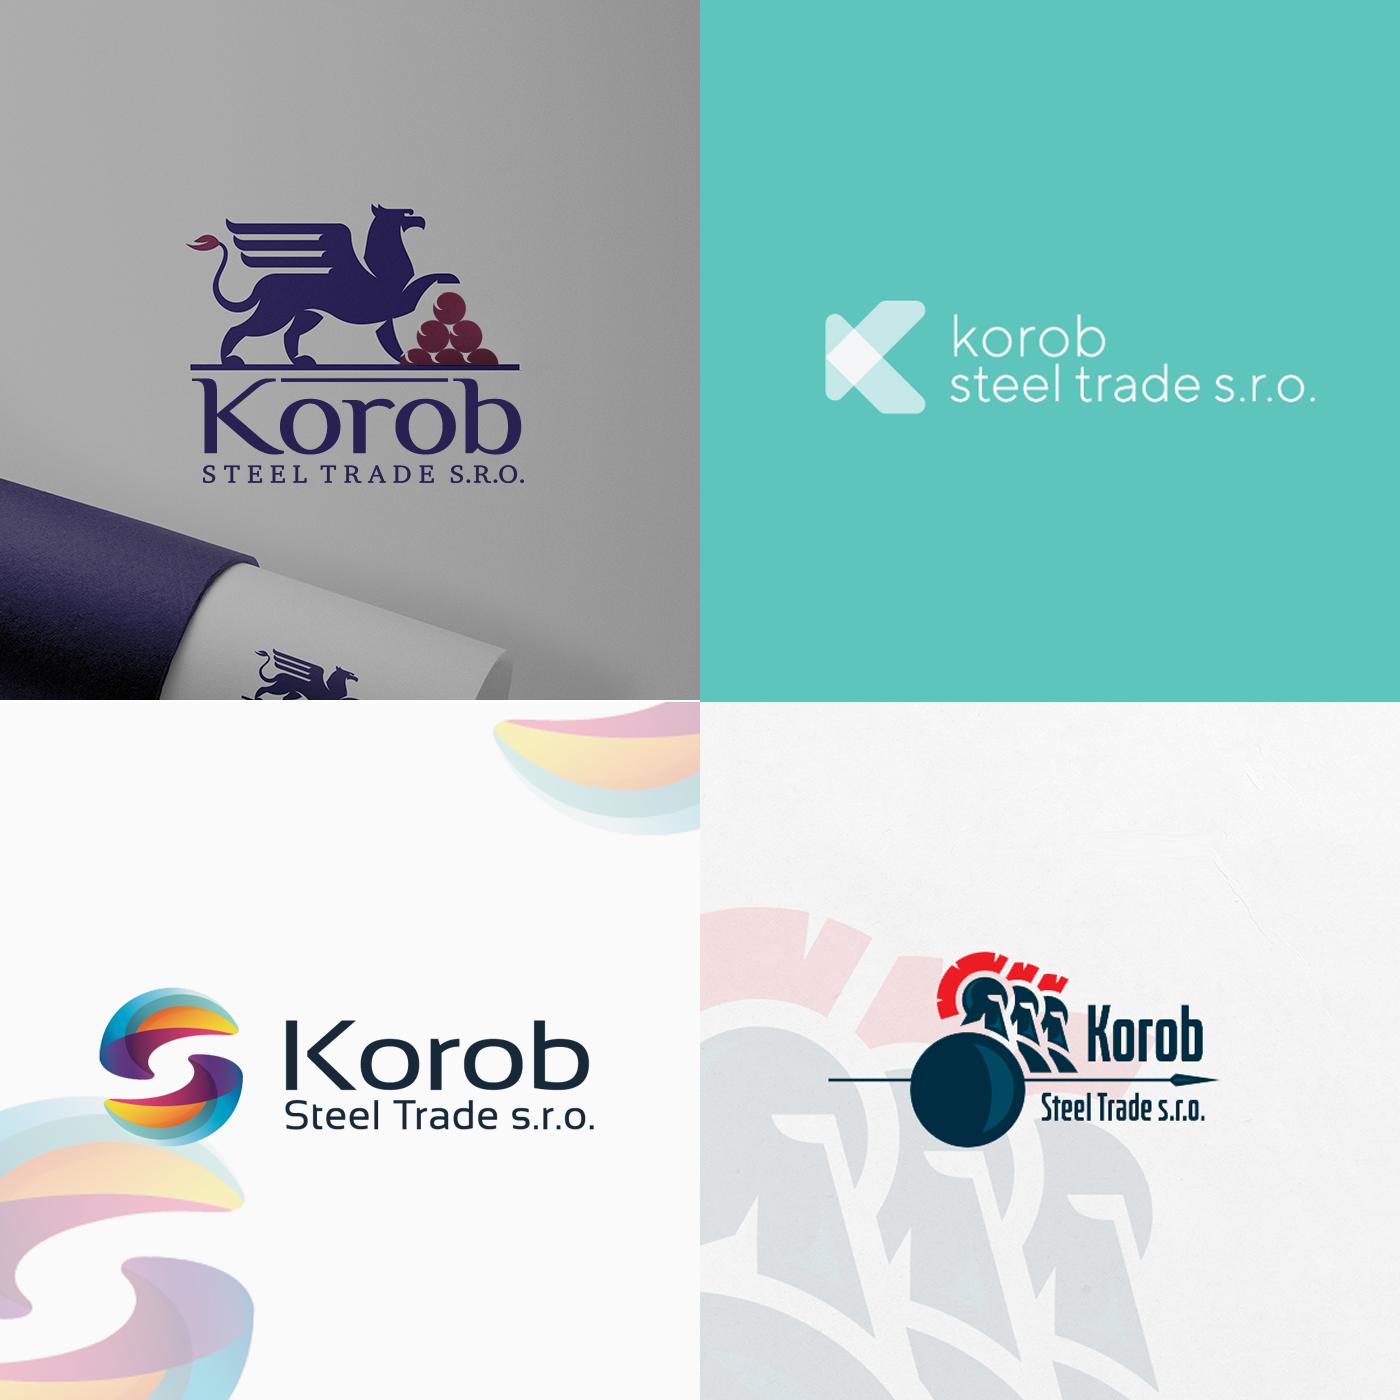 Фото Логотип для продавца металлоизделий Korob Steel Trade s.r.o.